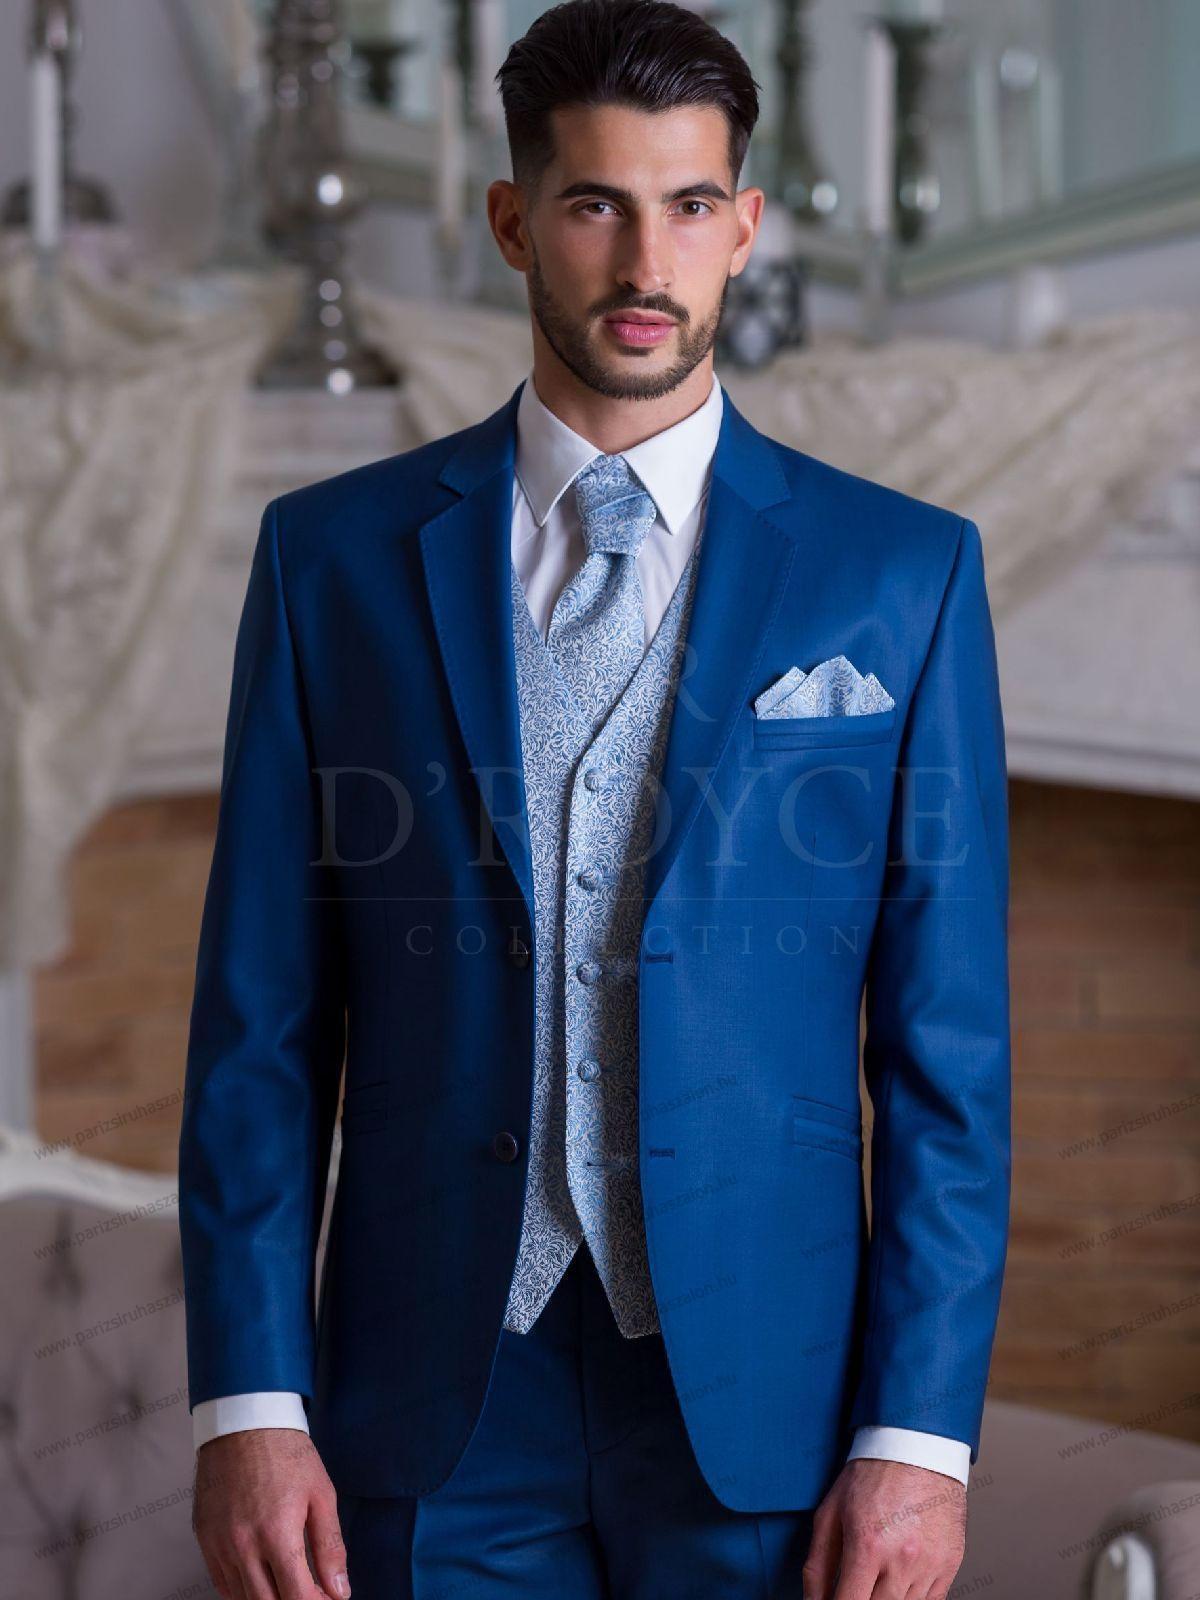 beb30c4e00 Esküvői öltöny WE29 | Esküvői, alkalmi, vőlegény öltöny, kiegészítő.  (cikkszám: Esküvői öltöny WE29)